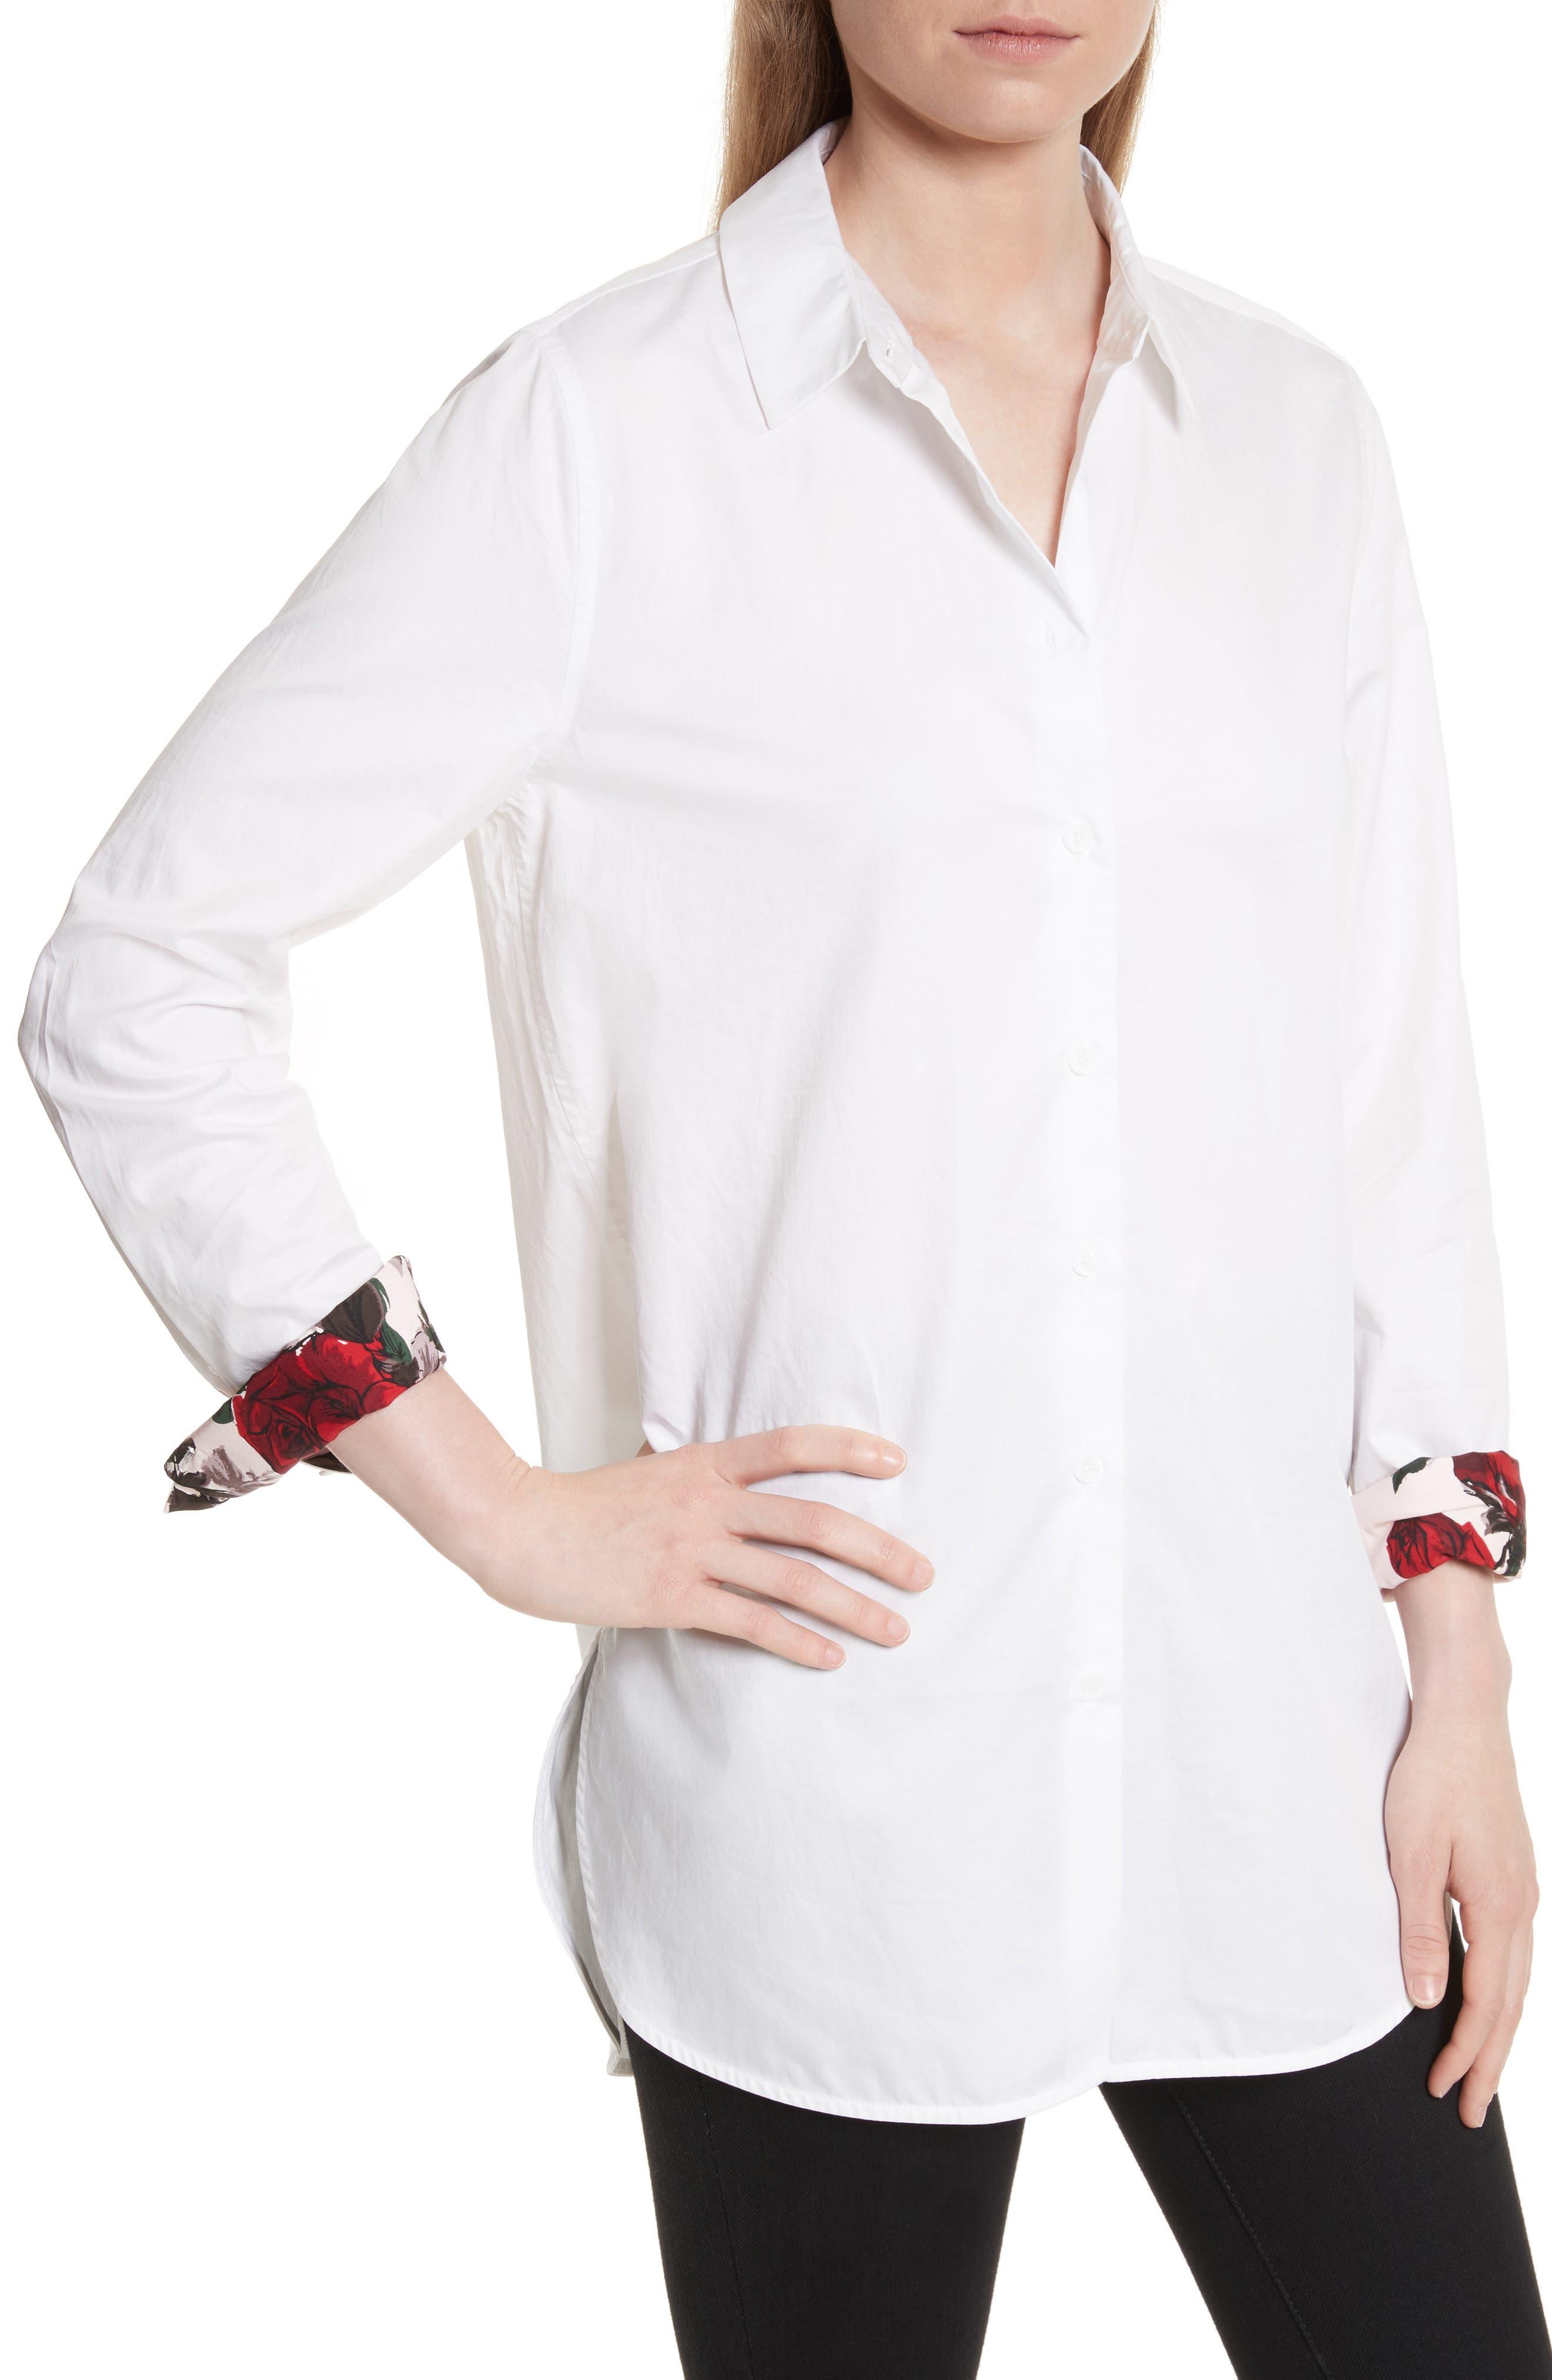 Arlette Cotton Shirt,                             Alternate thumbnail 4, color,                             111